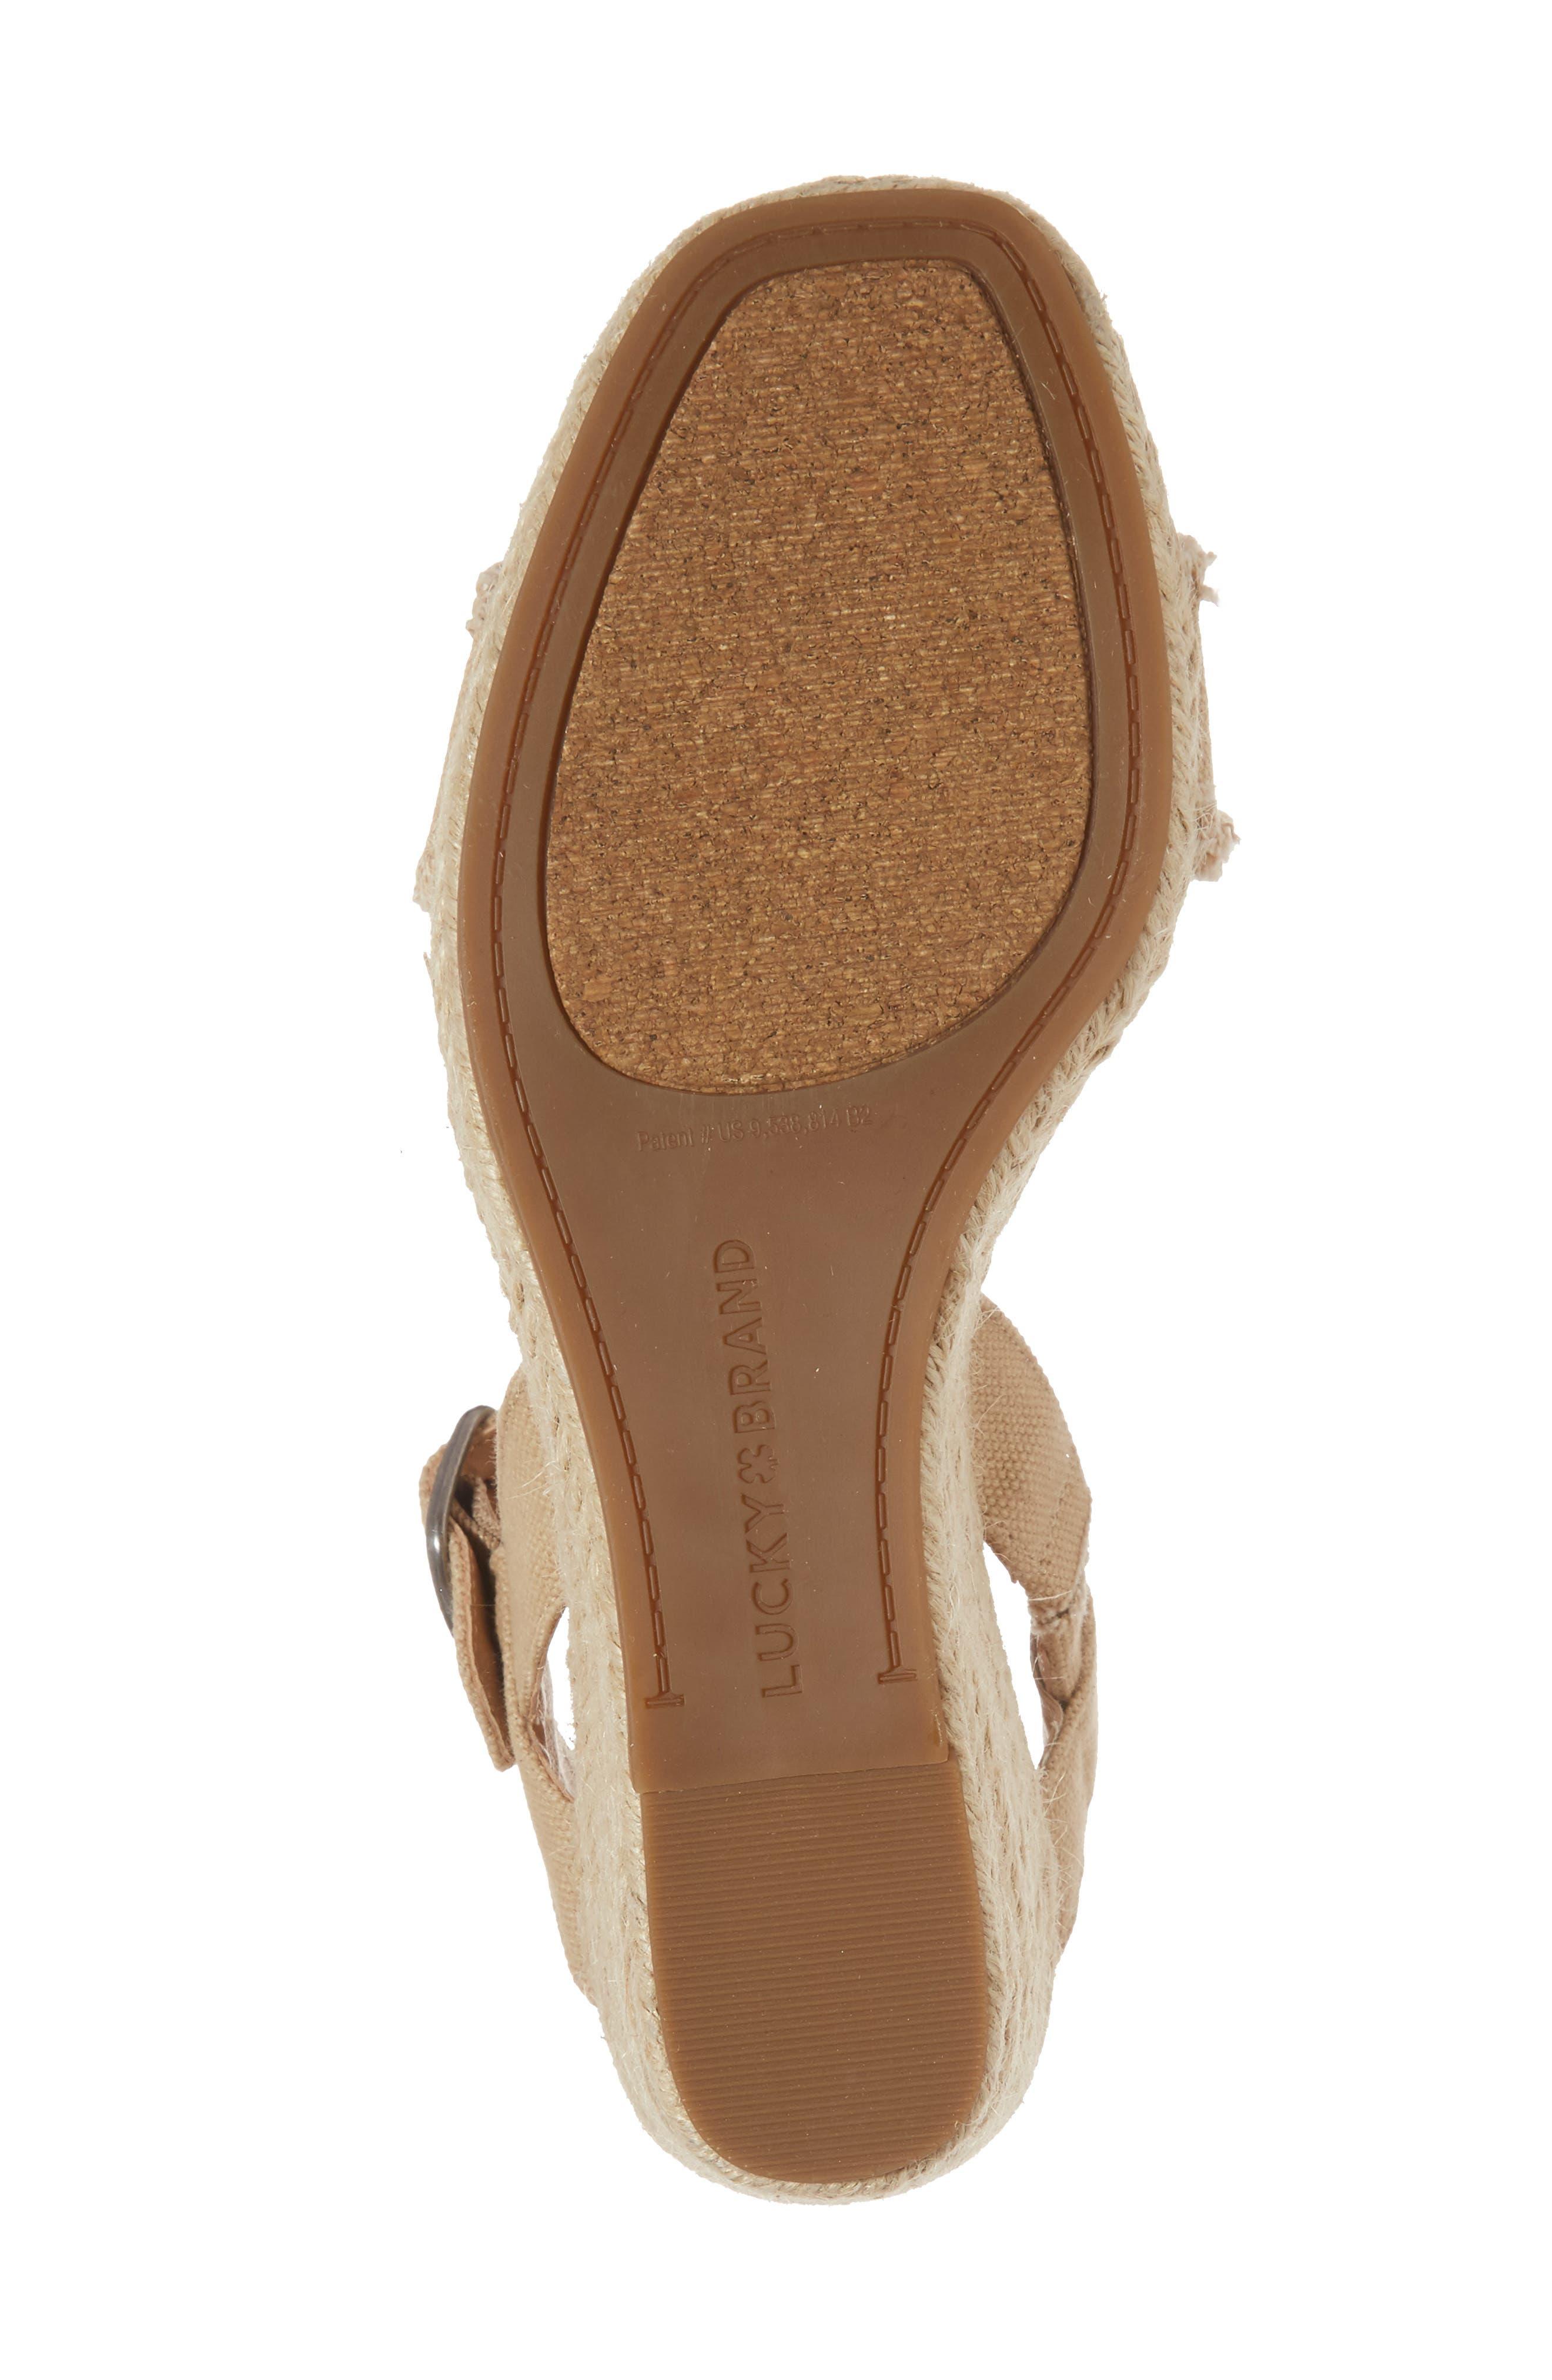 Marceline Squared Toe Wedge Sandal,                             Alternate thumbnail 38, color,